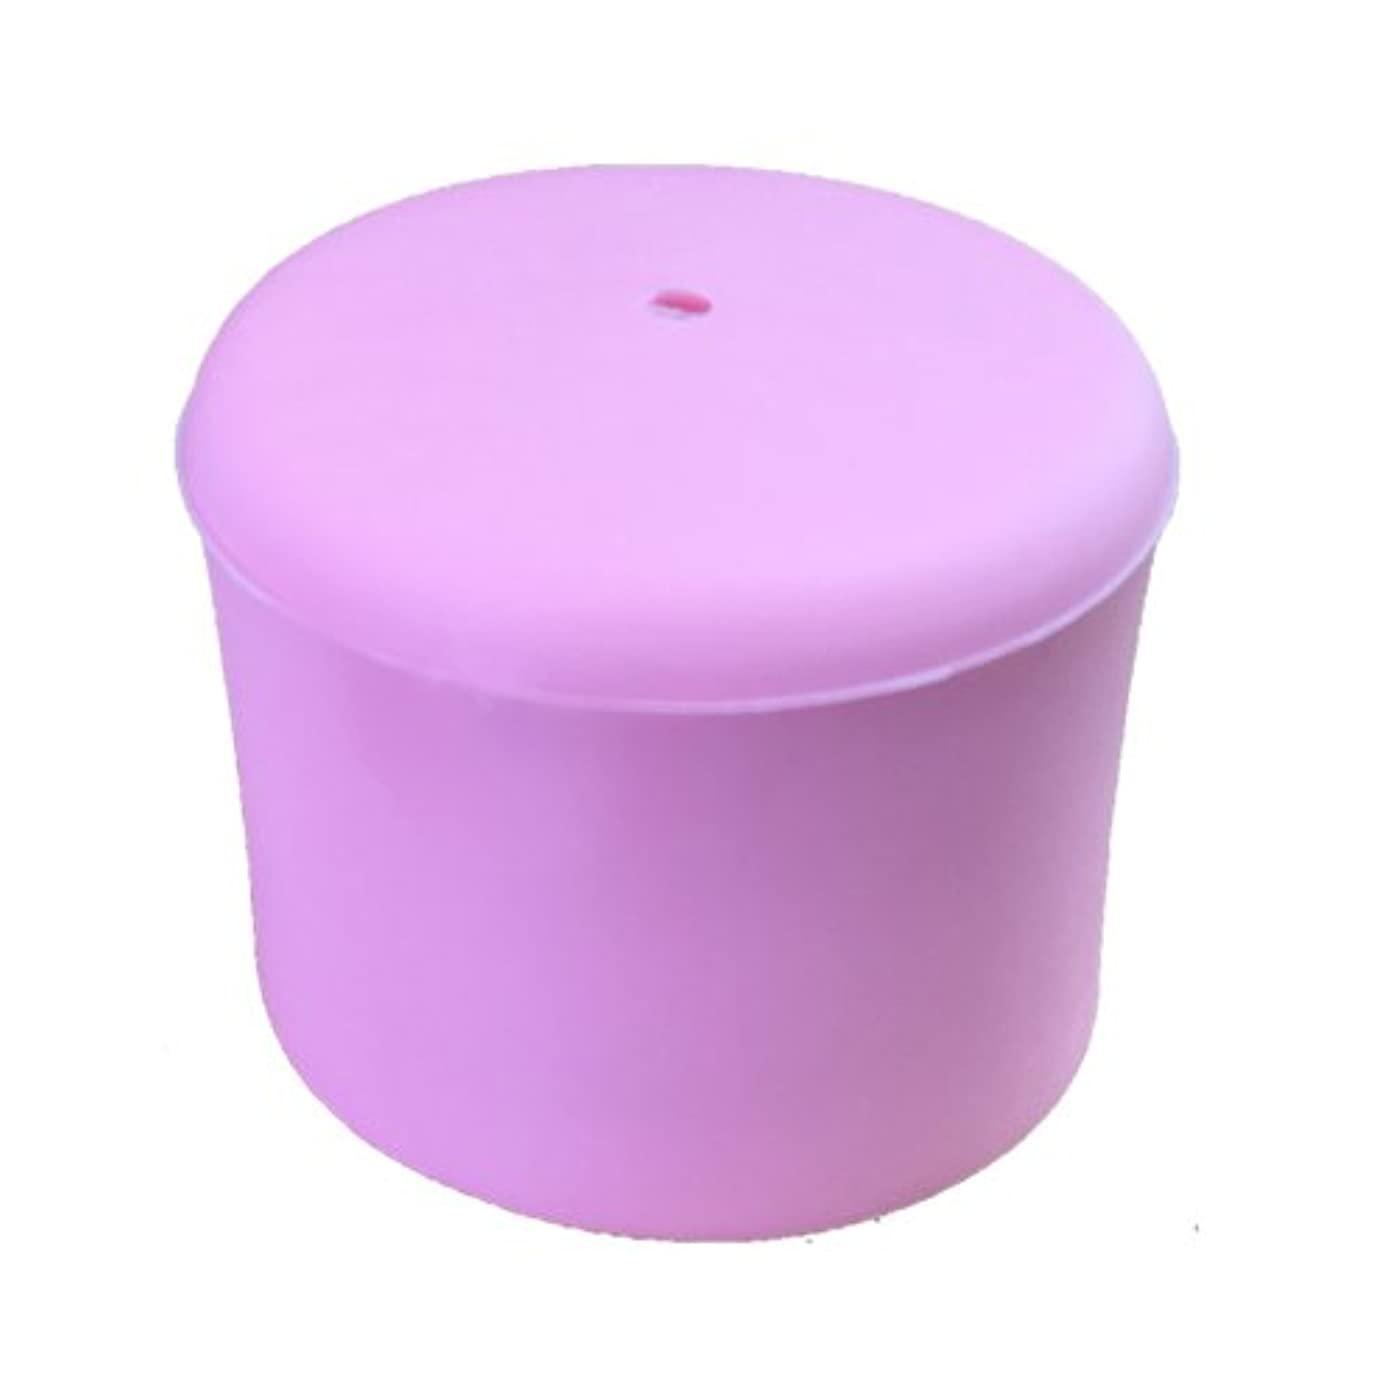 ペチュランス贈り物些細なNEWフェイシャルリフトアトワンス(ピンク)マウスカバー3個組